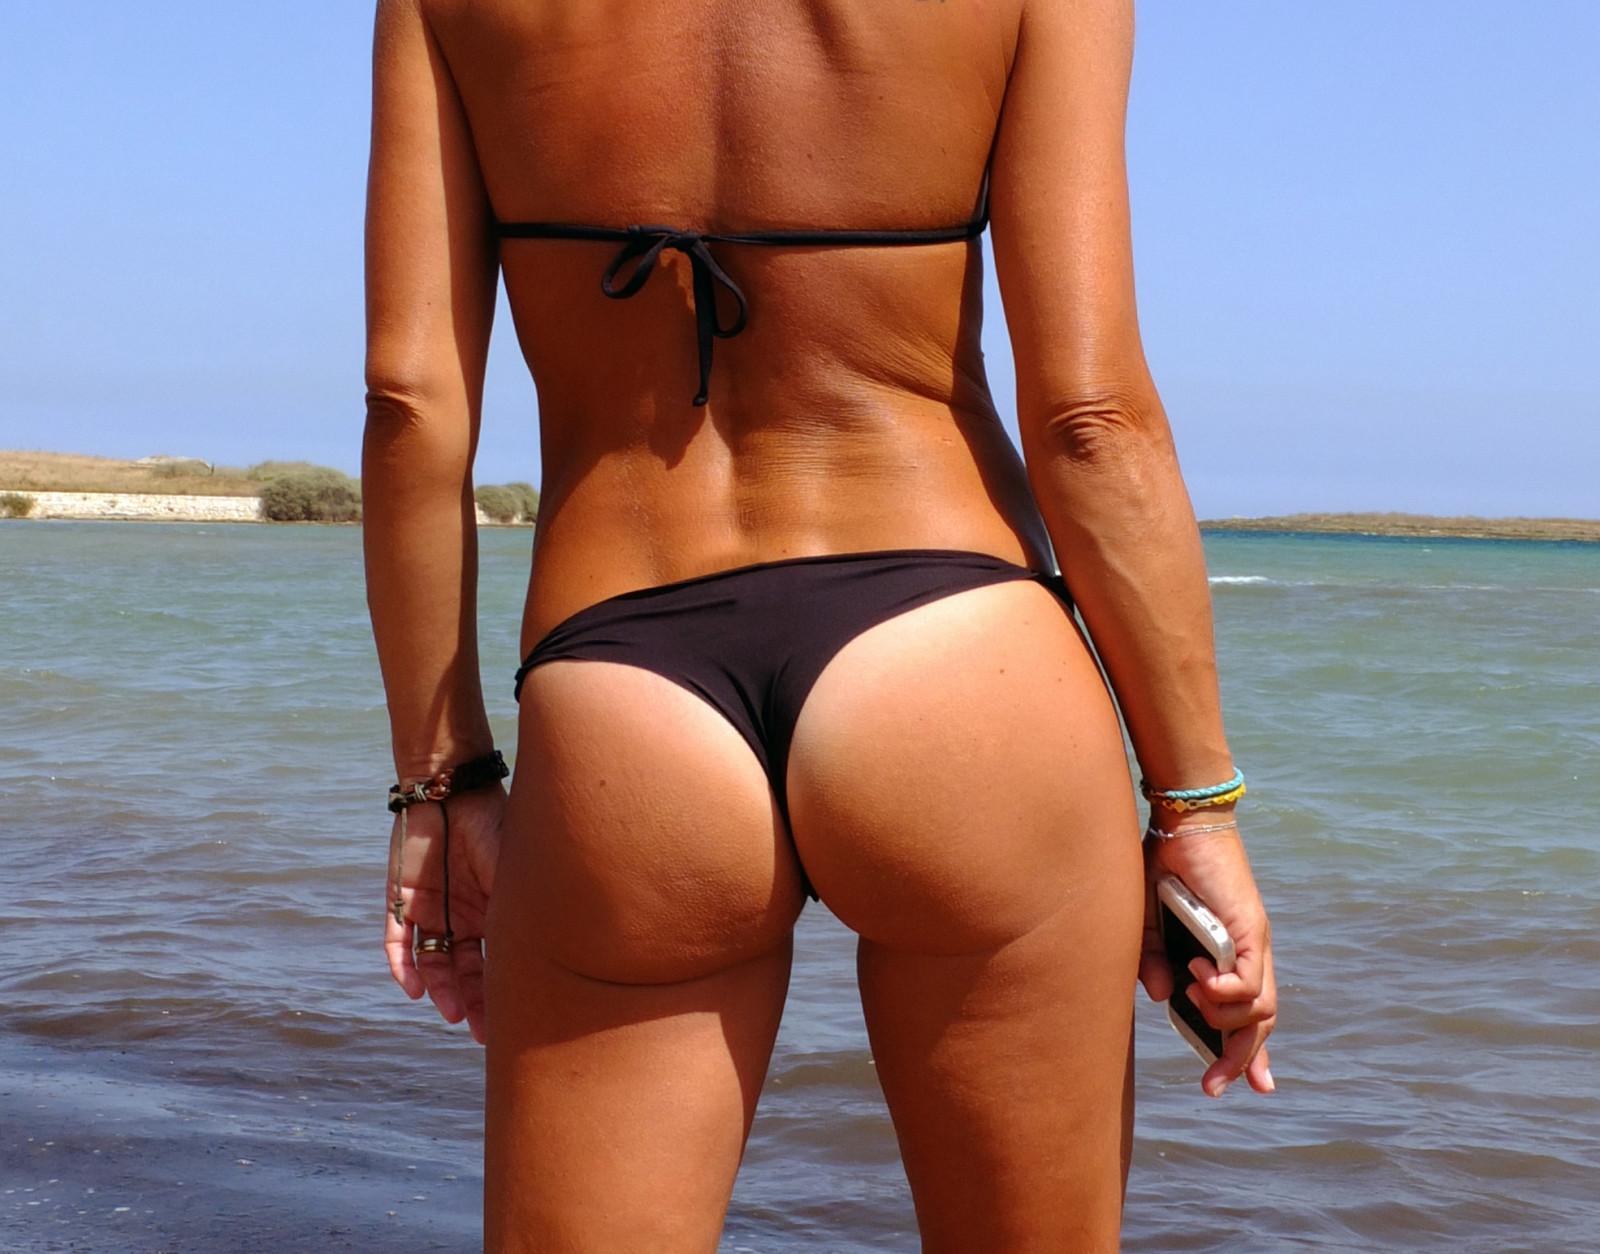 Стринги на отдыхе, Девушки в прозрачных купальниках на пляже частное 10 фотография